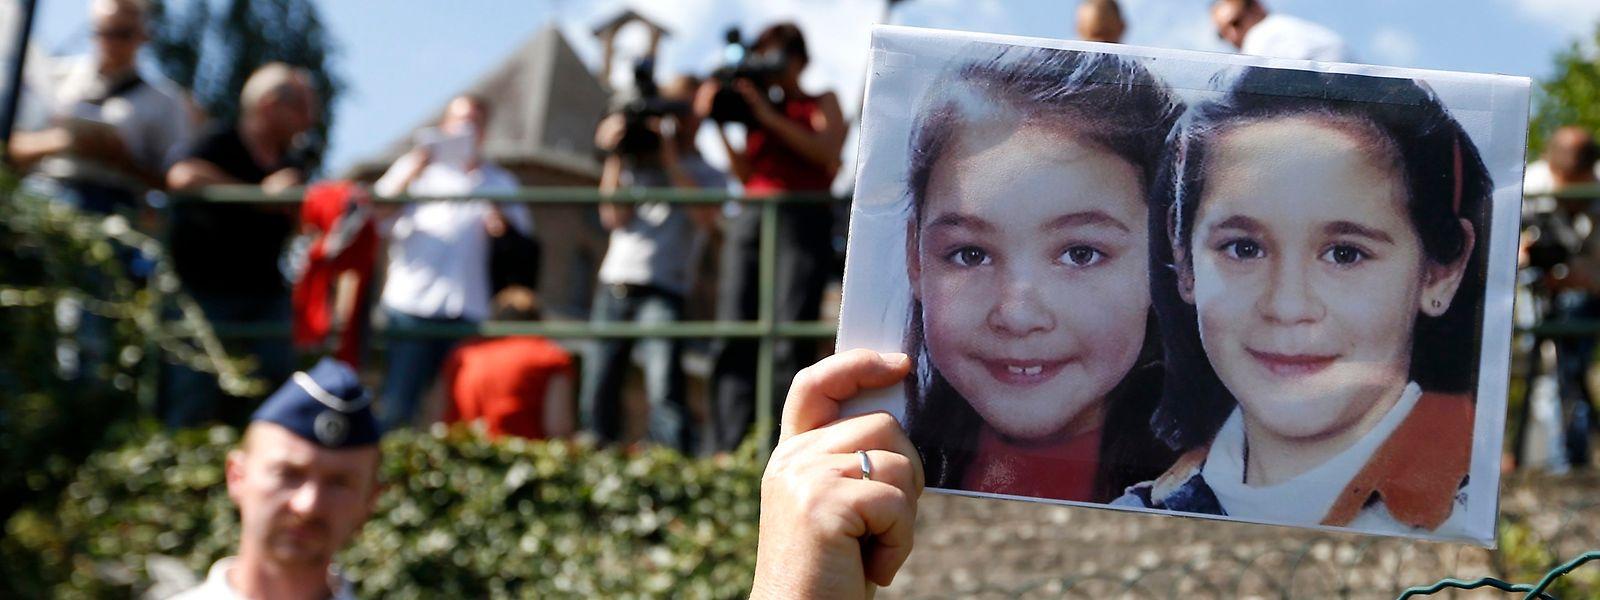 Voilà quelques-uns des visages de victimes qui ont hanté la Belgique pendant des années.